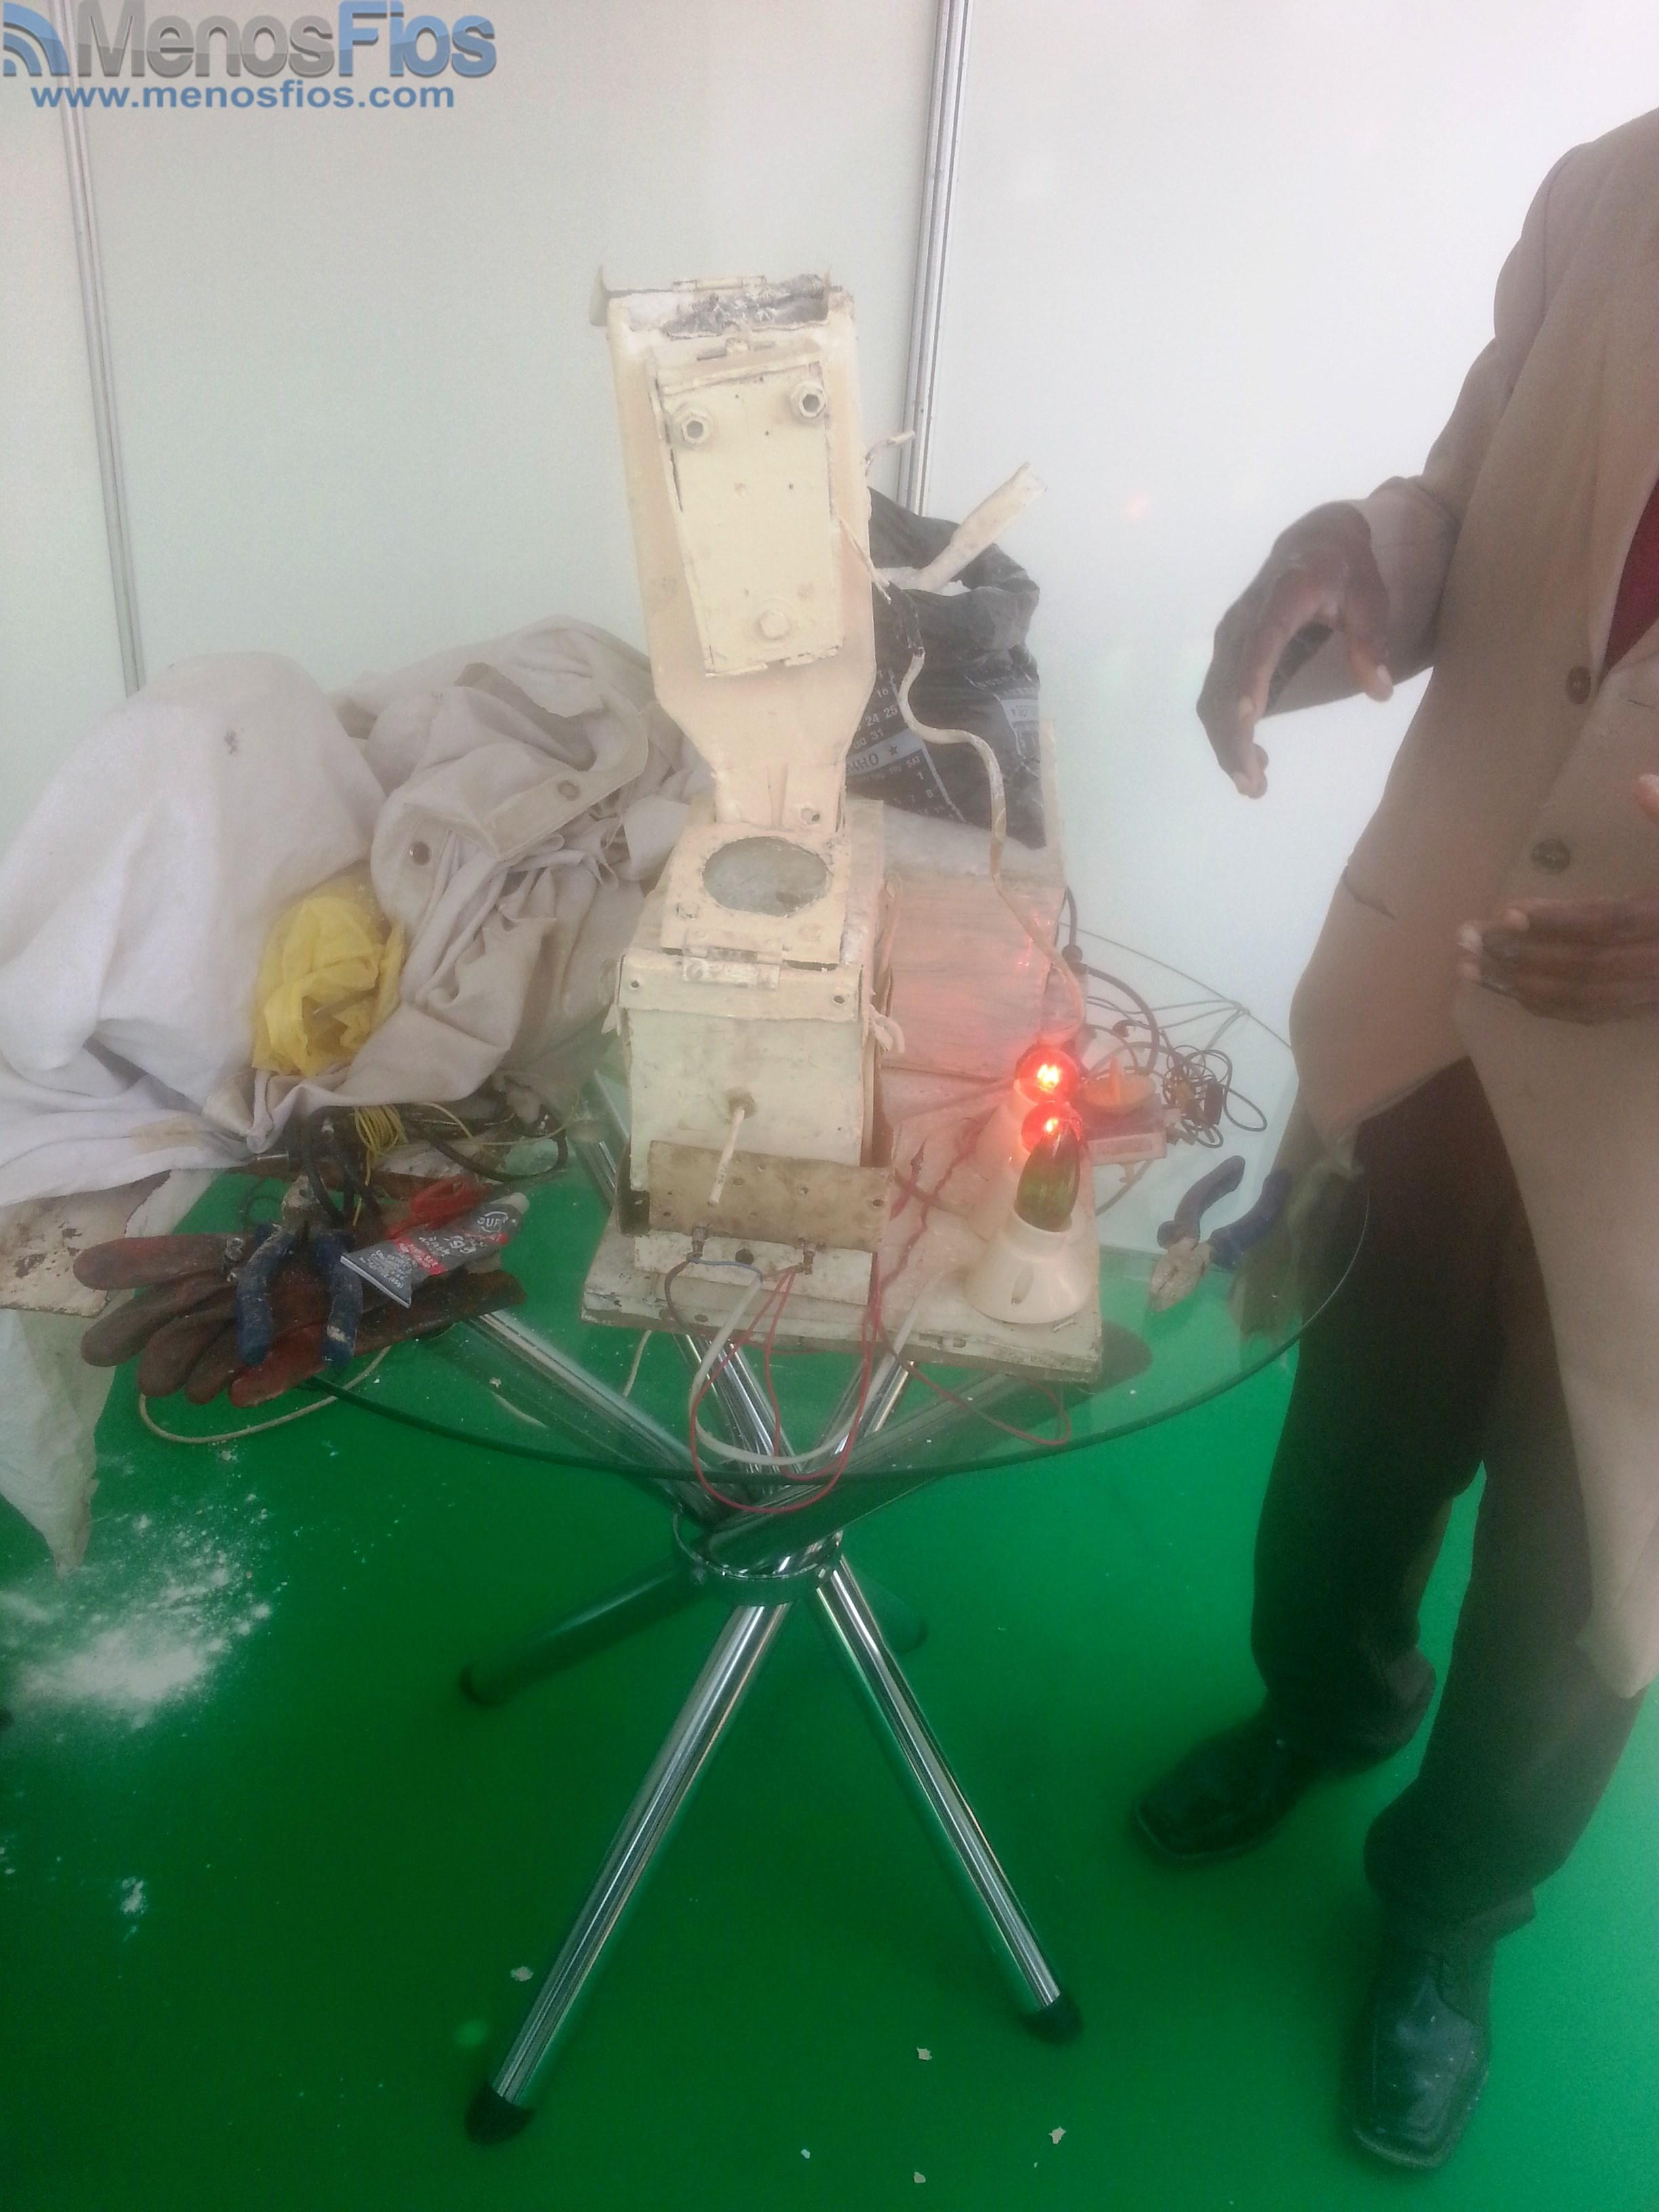 Adhesivo De Bicicletas ~ 5 u00aa Feira do inventor criador Angolano, com exibições de alto nível! Menos Fios